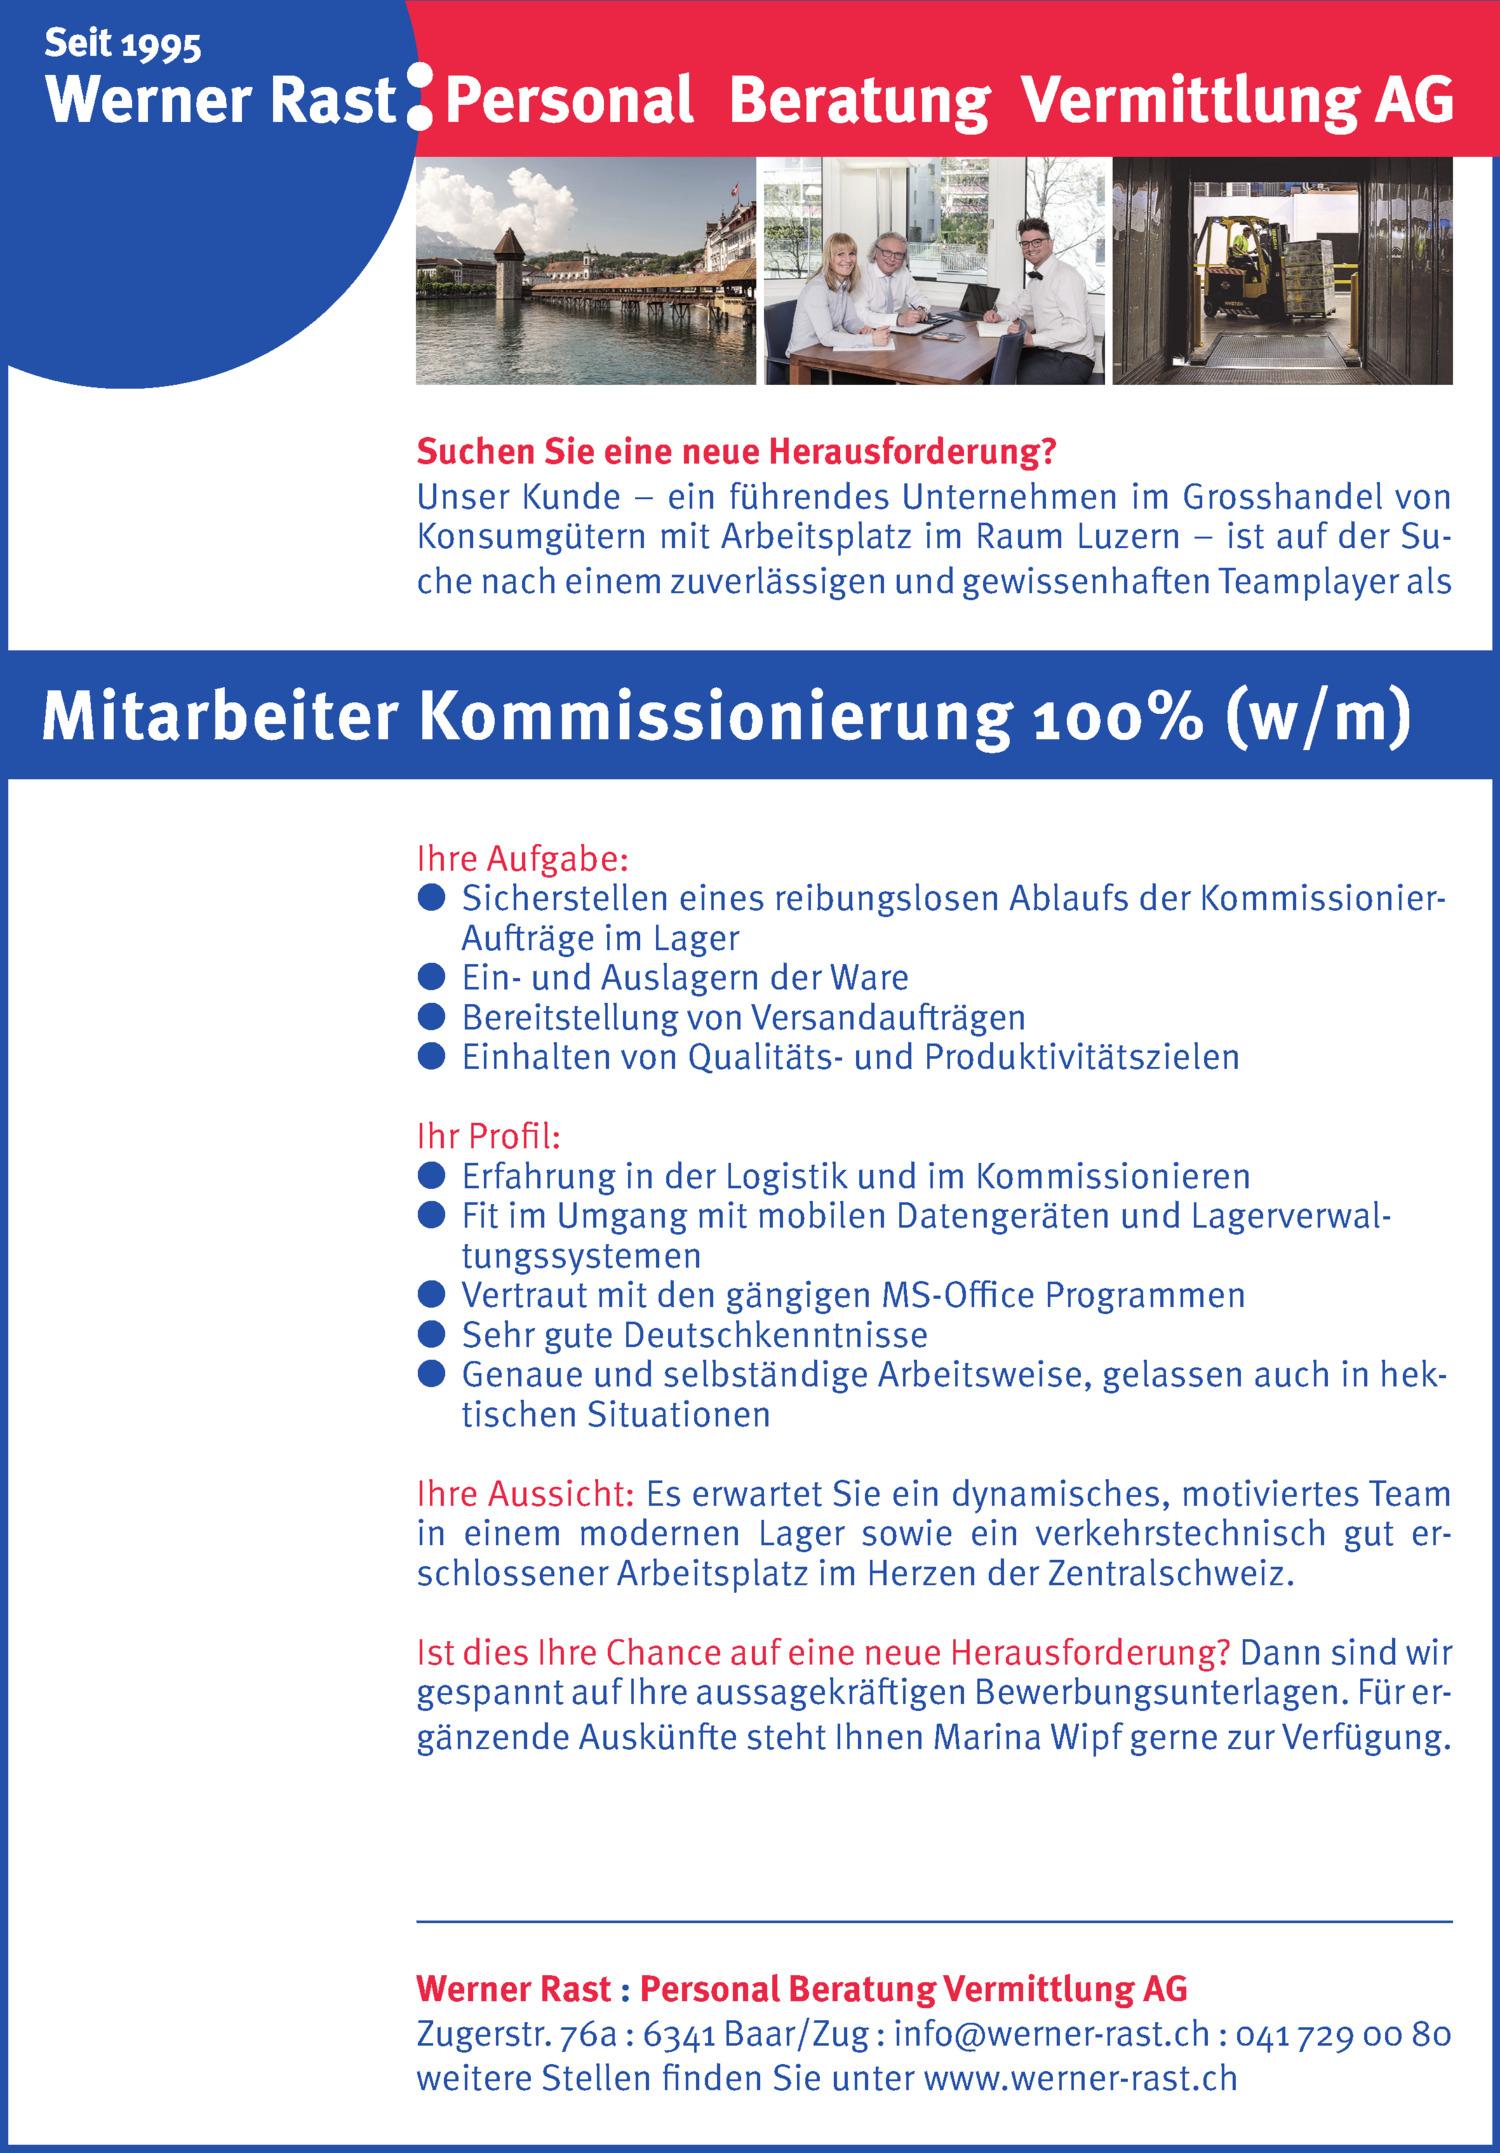 Inserat Mitarbeiter Kommissionierung 100% (w/m)